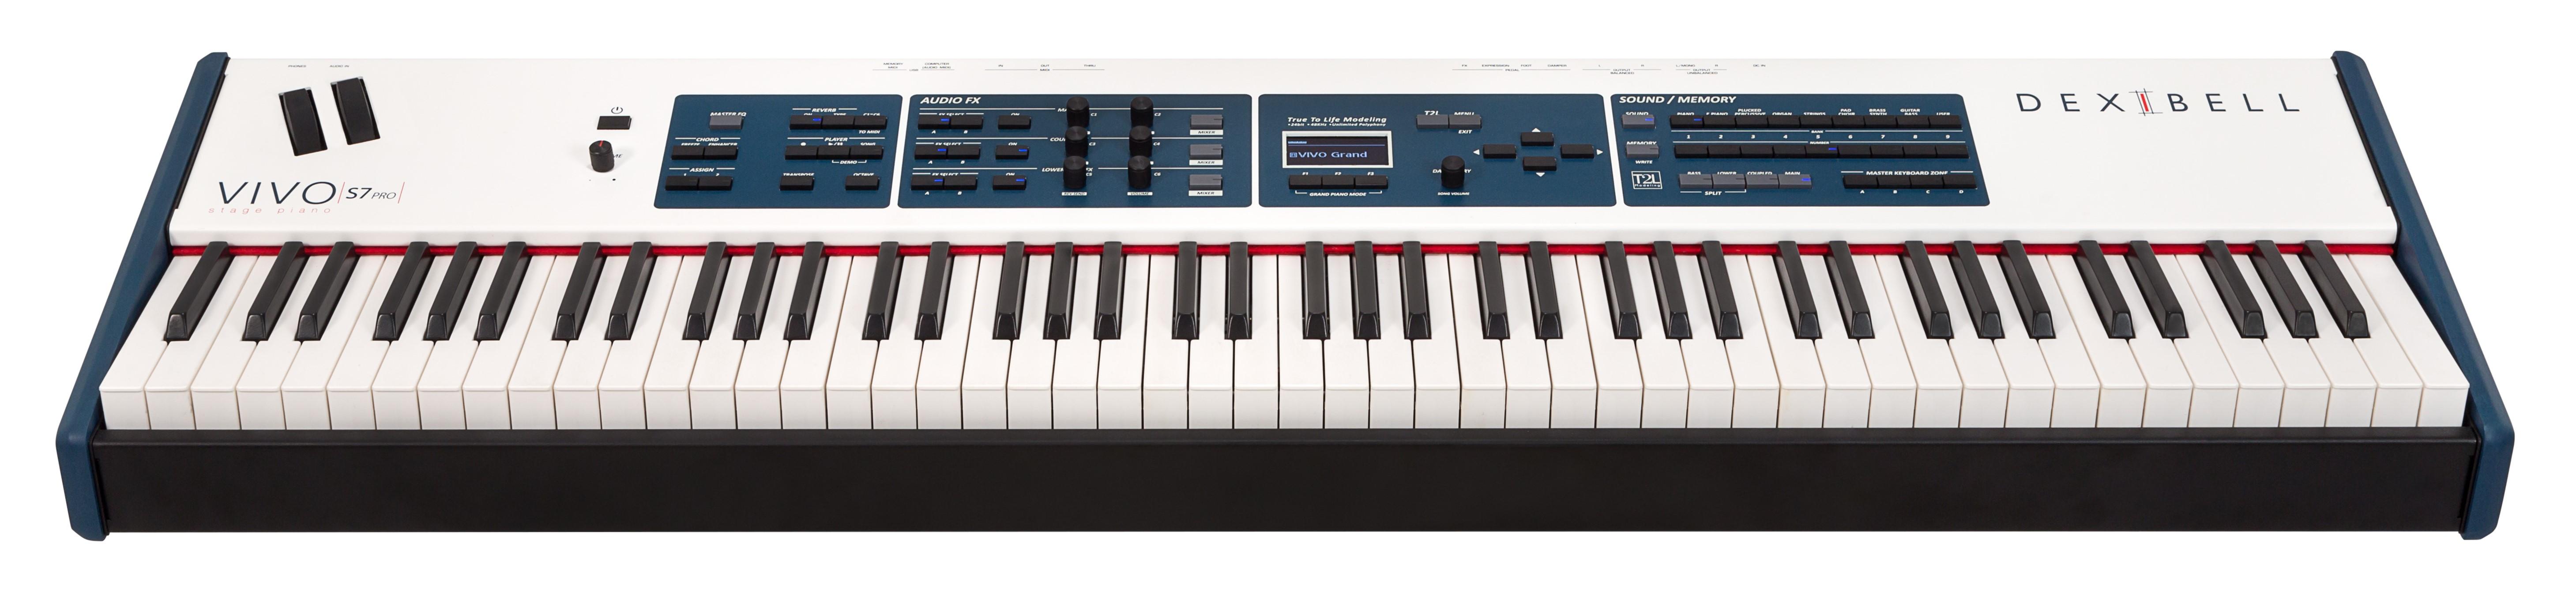 VIVO S7 Pro (88鍵)